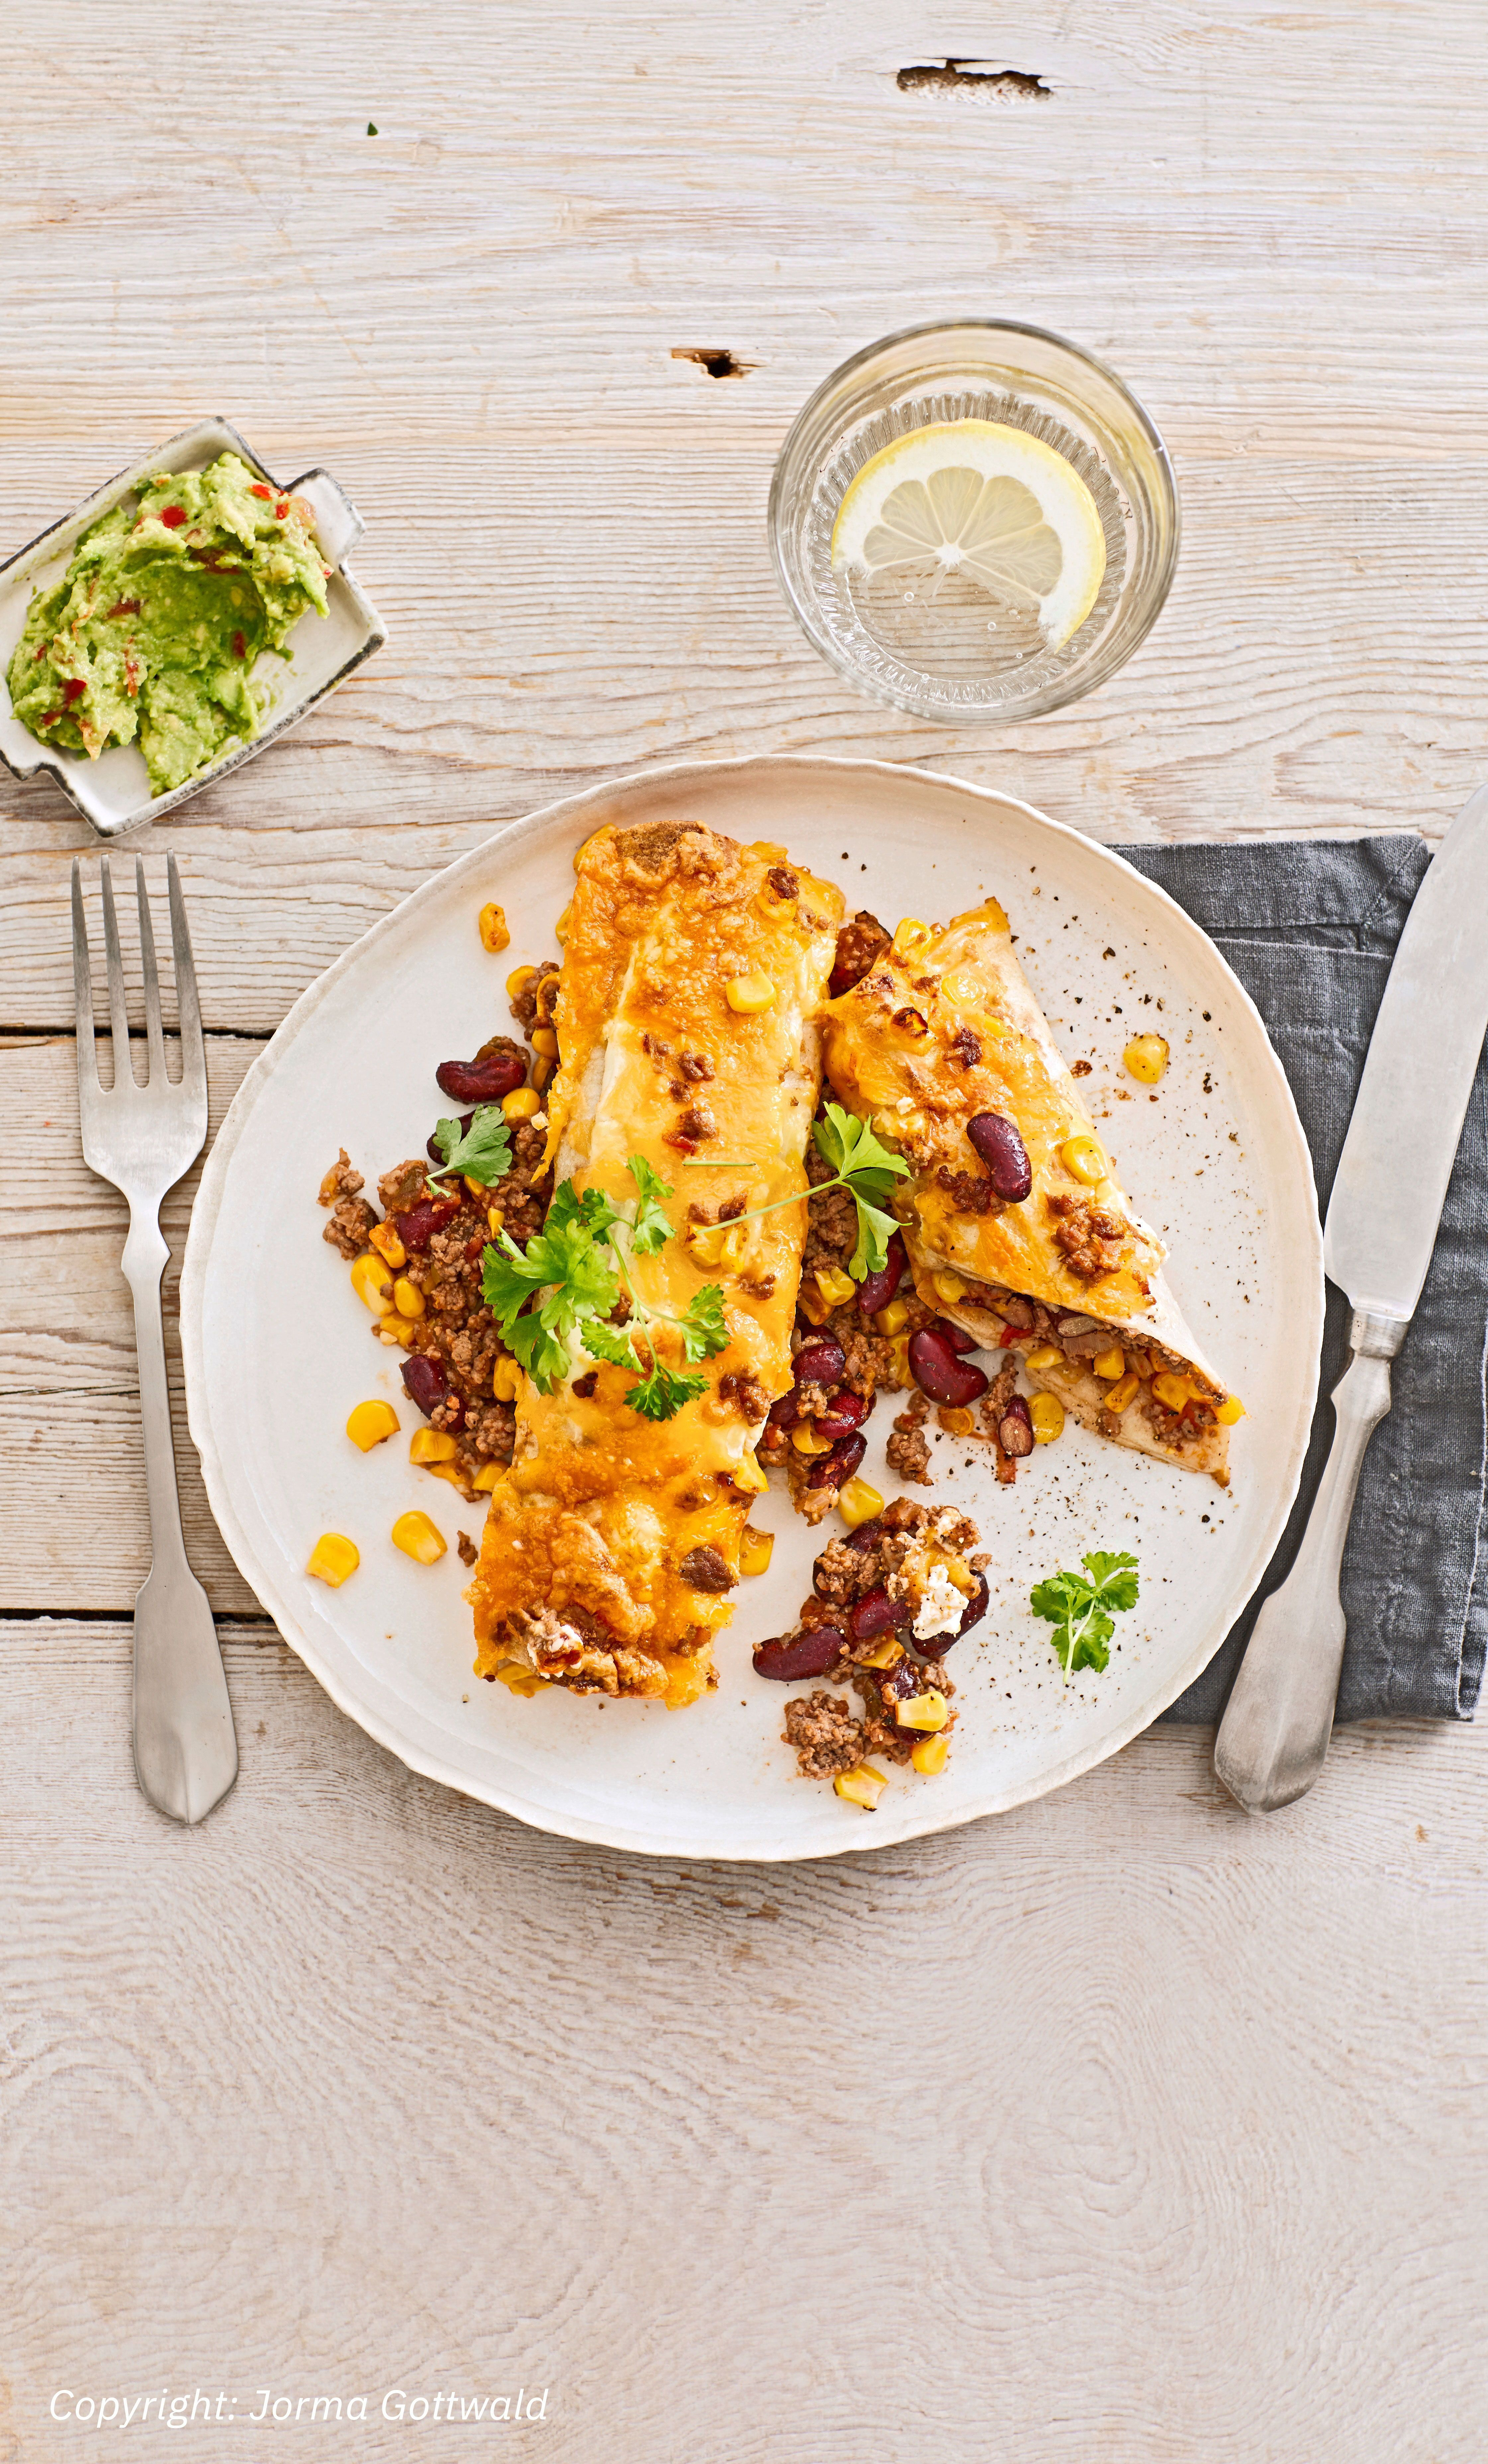 Überbackene Enchiladas mit AvocadoDip Überbackene Enchiladas mit AvocadoDip